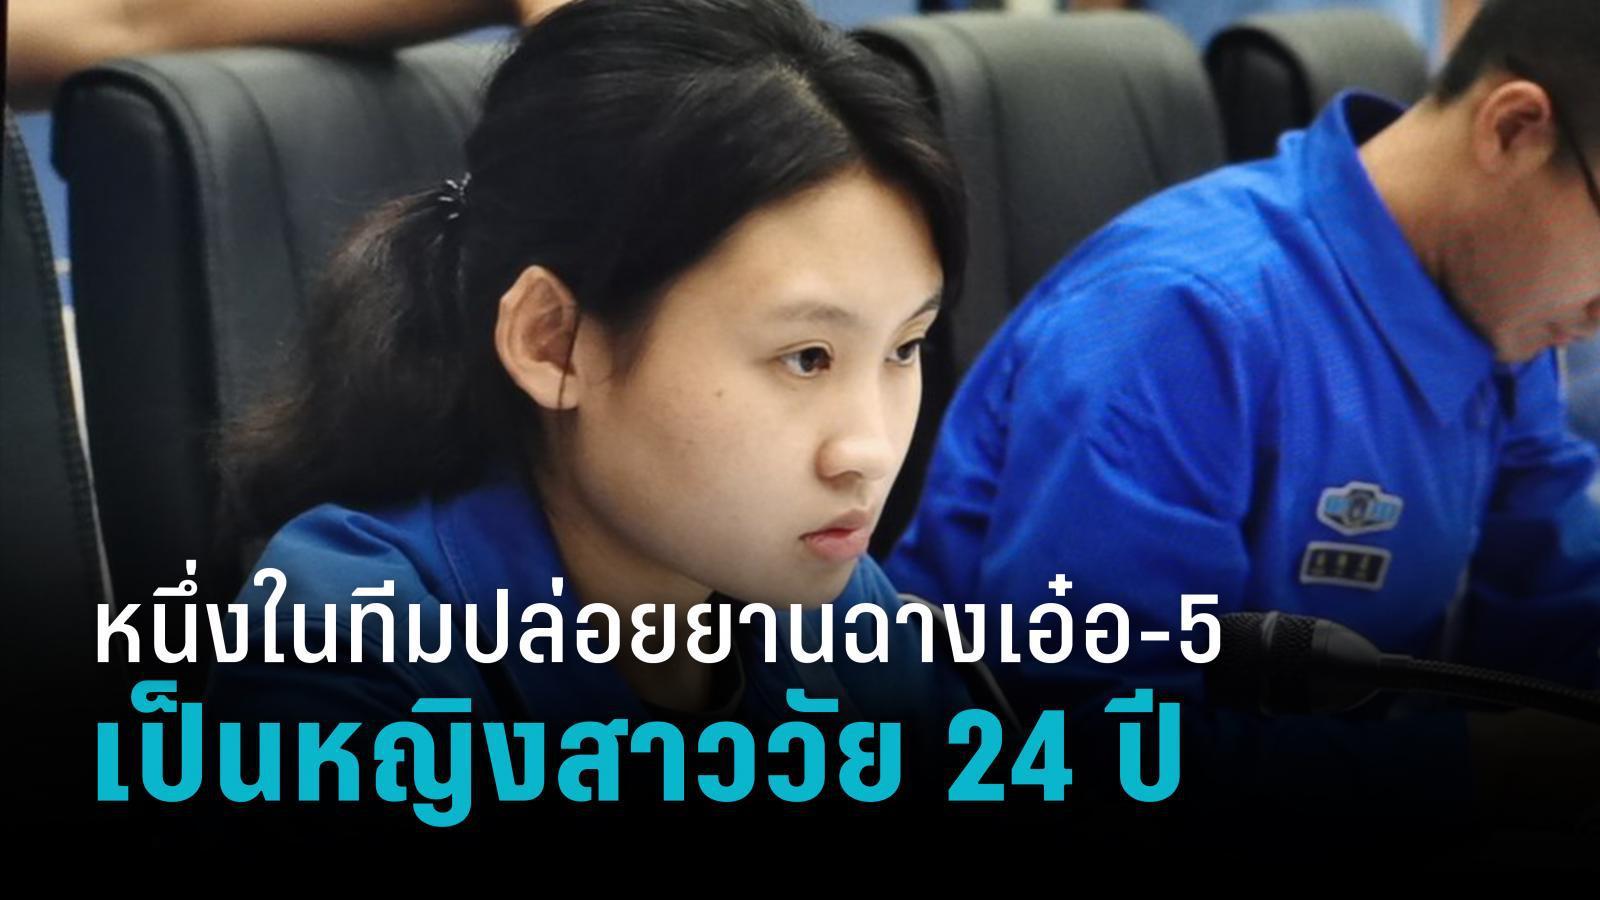 จีนฮือฮา หนึ่งในทีมงานปล่อยยานฉางเอ๋อ-5 คือหญิงสาววัยเพียง 24 ปี